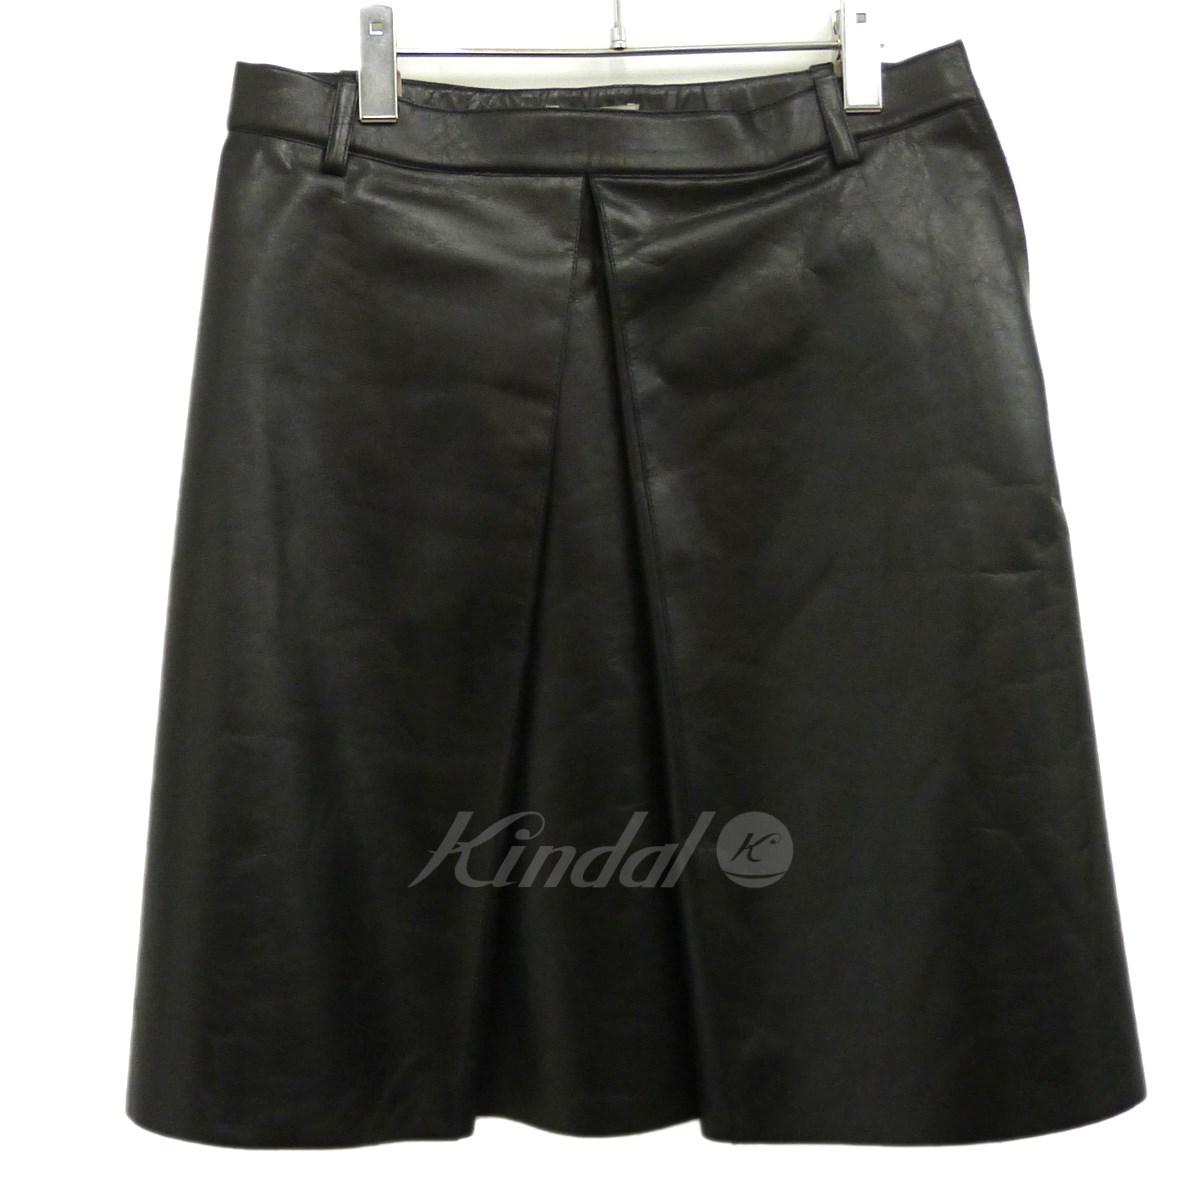 【中古】BALENCIAGA16AW レザースカート ブラック サイズ:36 【7月9日見直し】